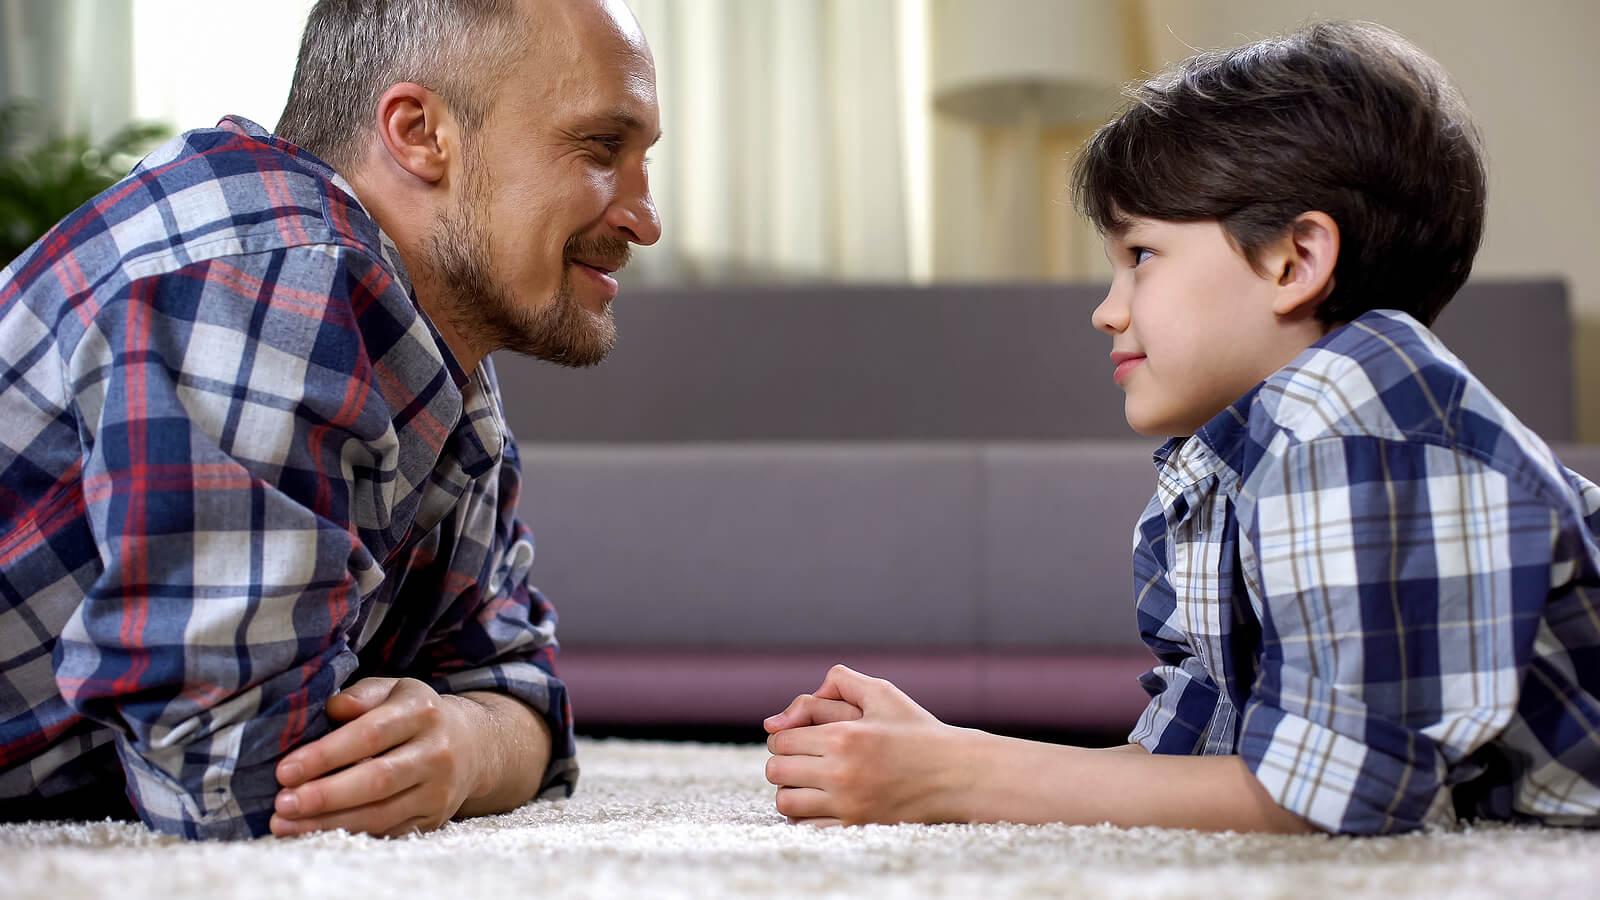 Padre hablando con su hijo sobre el contrato de contingencias para la modificar su conducta.